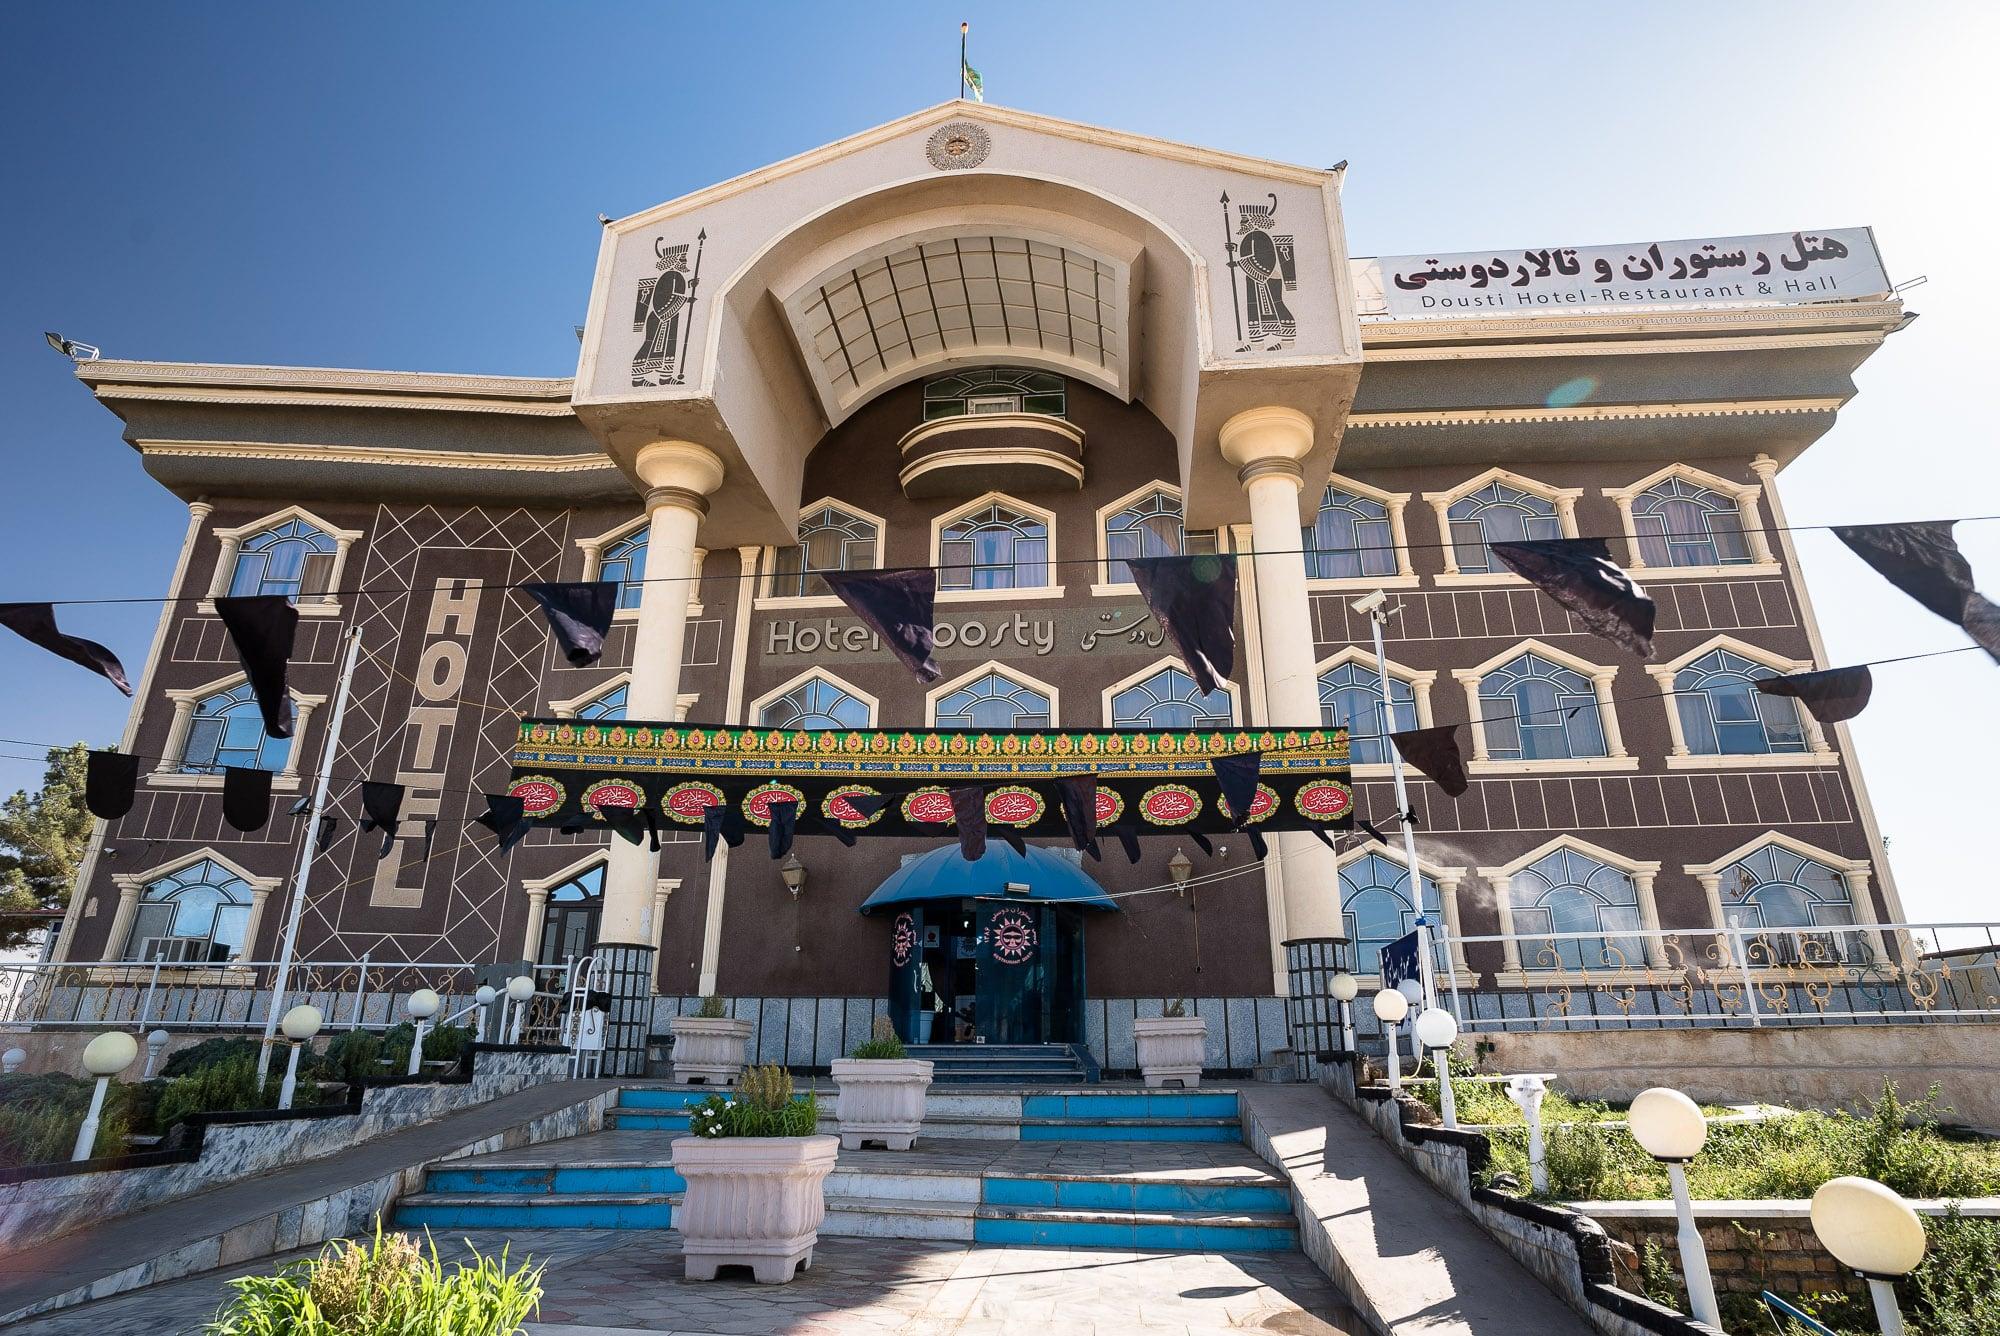 Hotel in Sarakhs